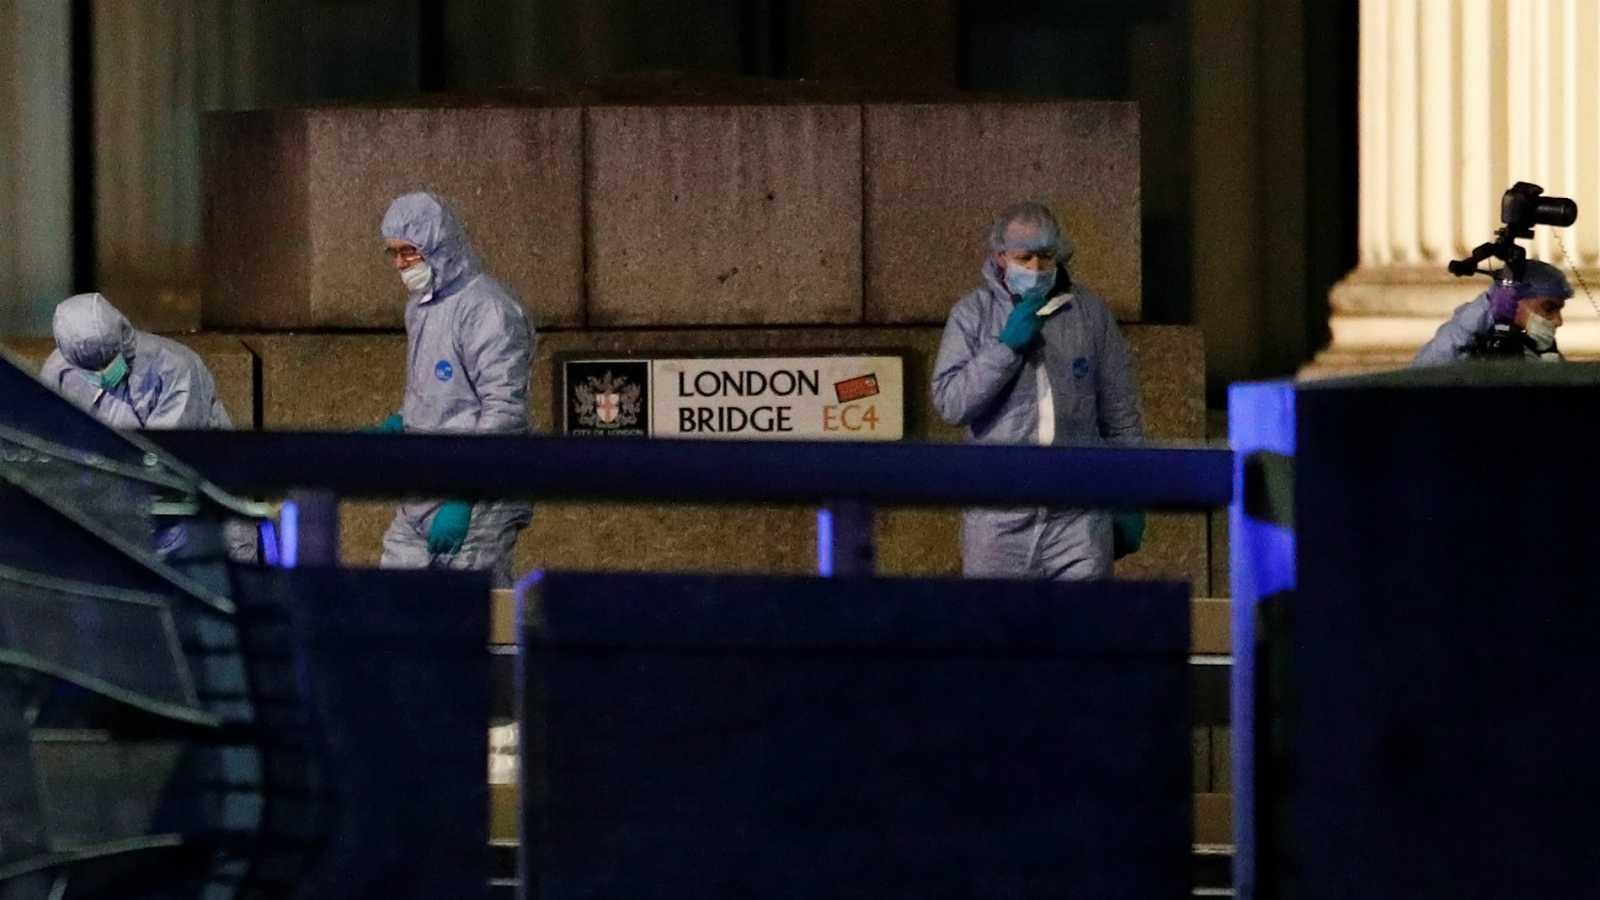 La policía confirma dos muertos y tres heridos en el atentado de Londres